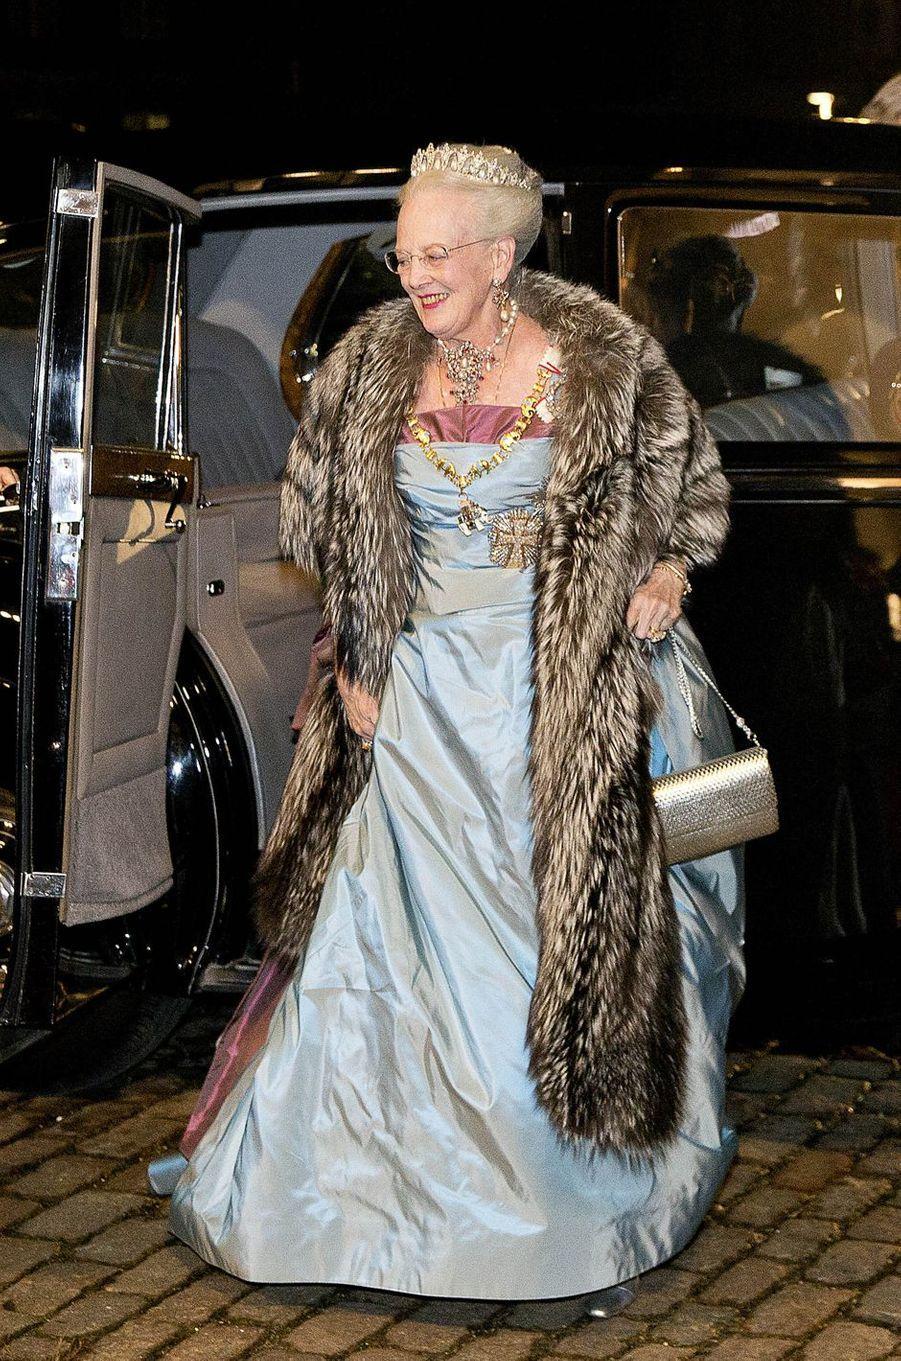 La reine Margrethe II de Danemark à Copenhague, le 1er janvier 2017